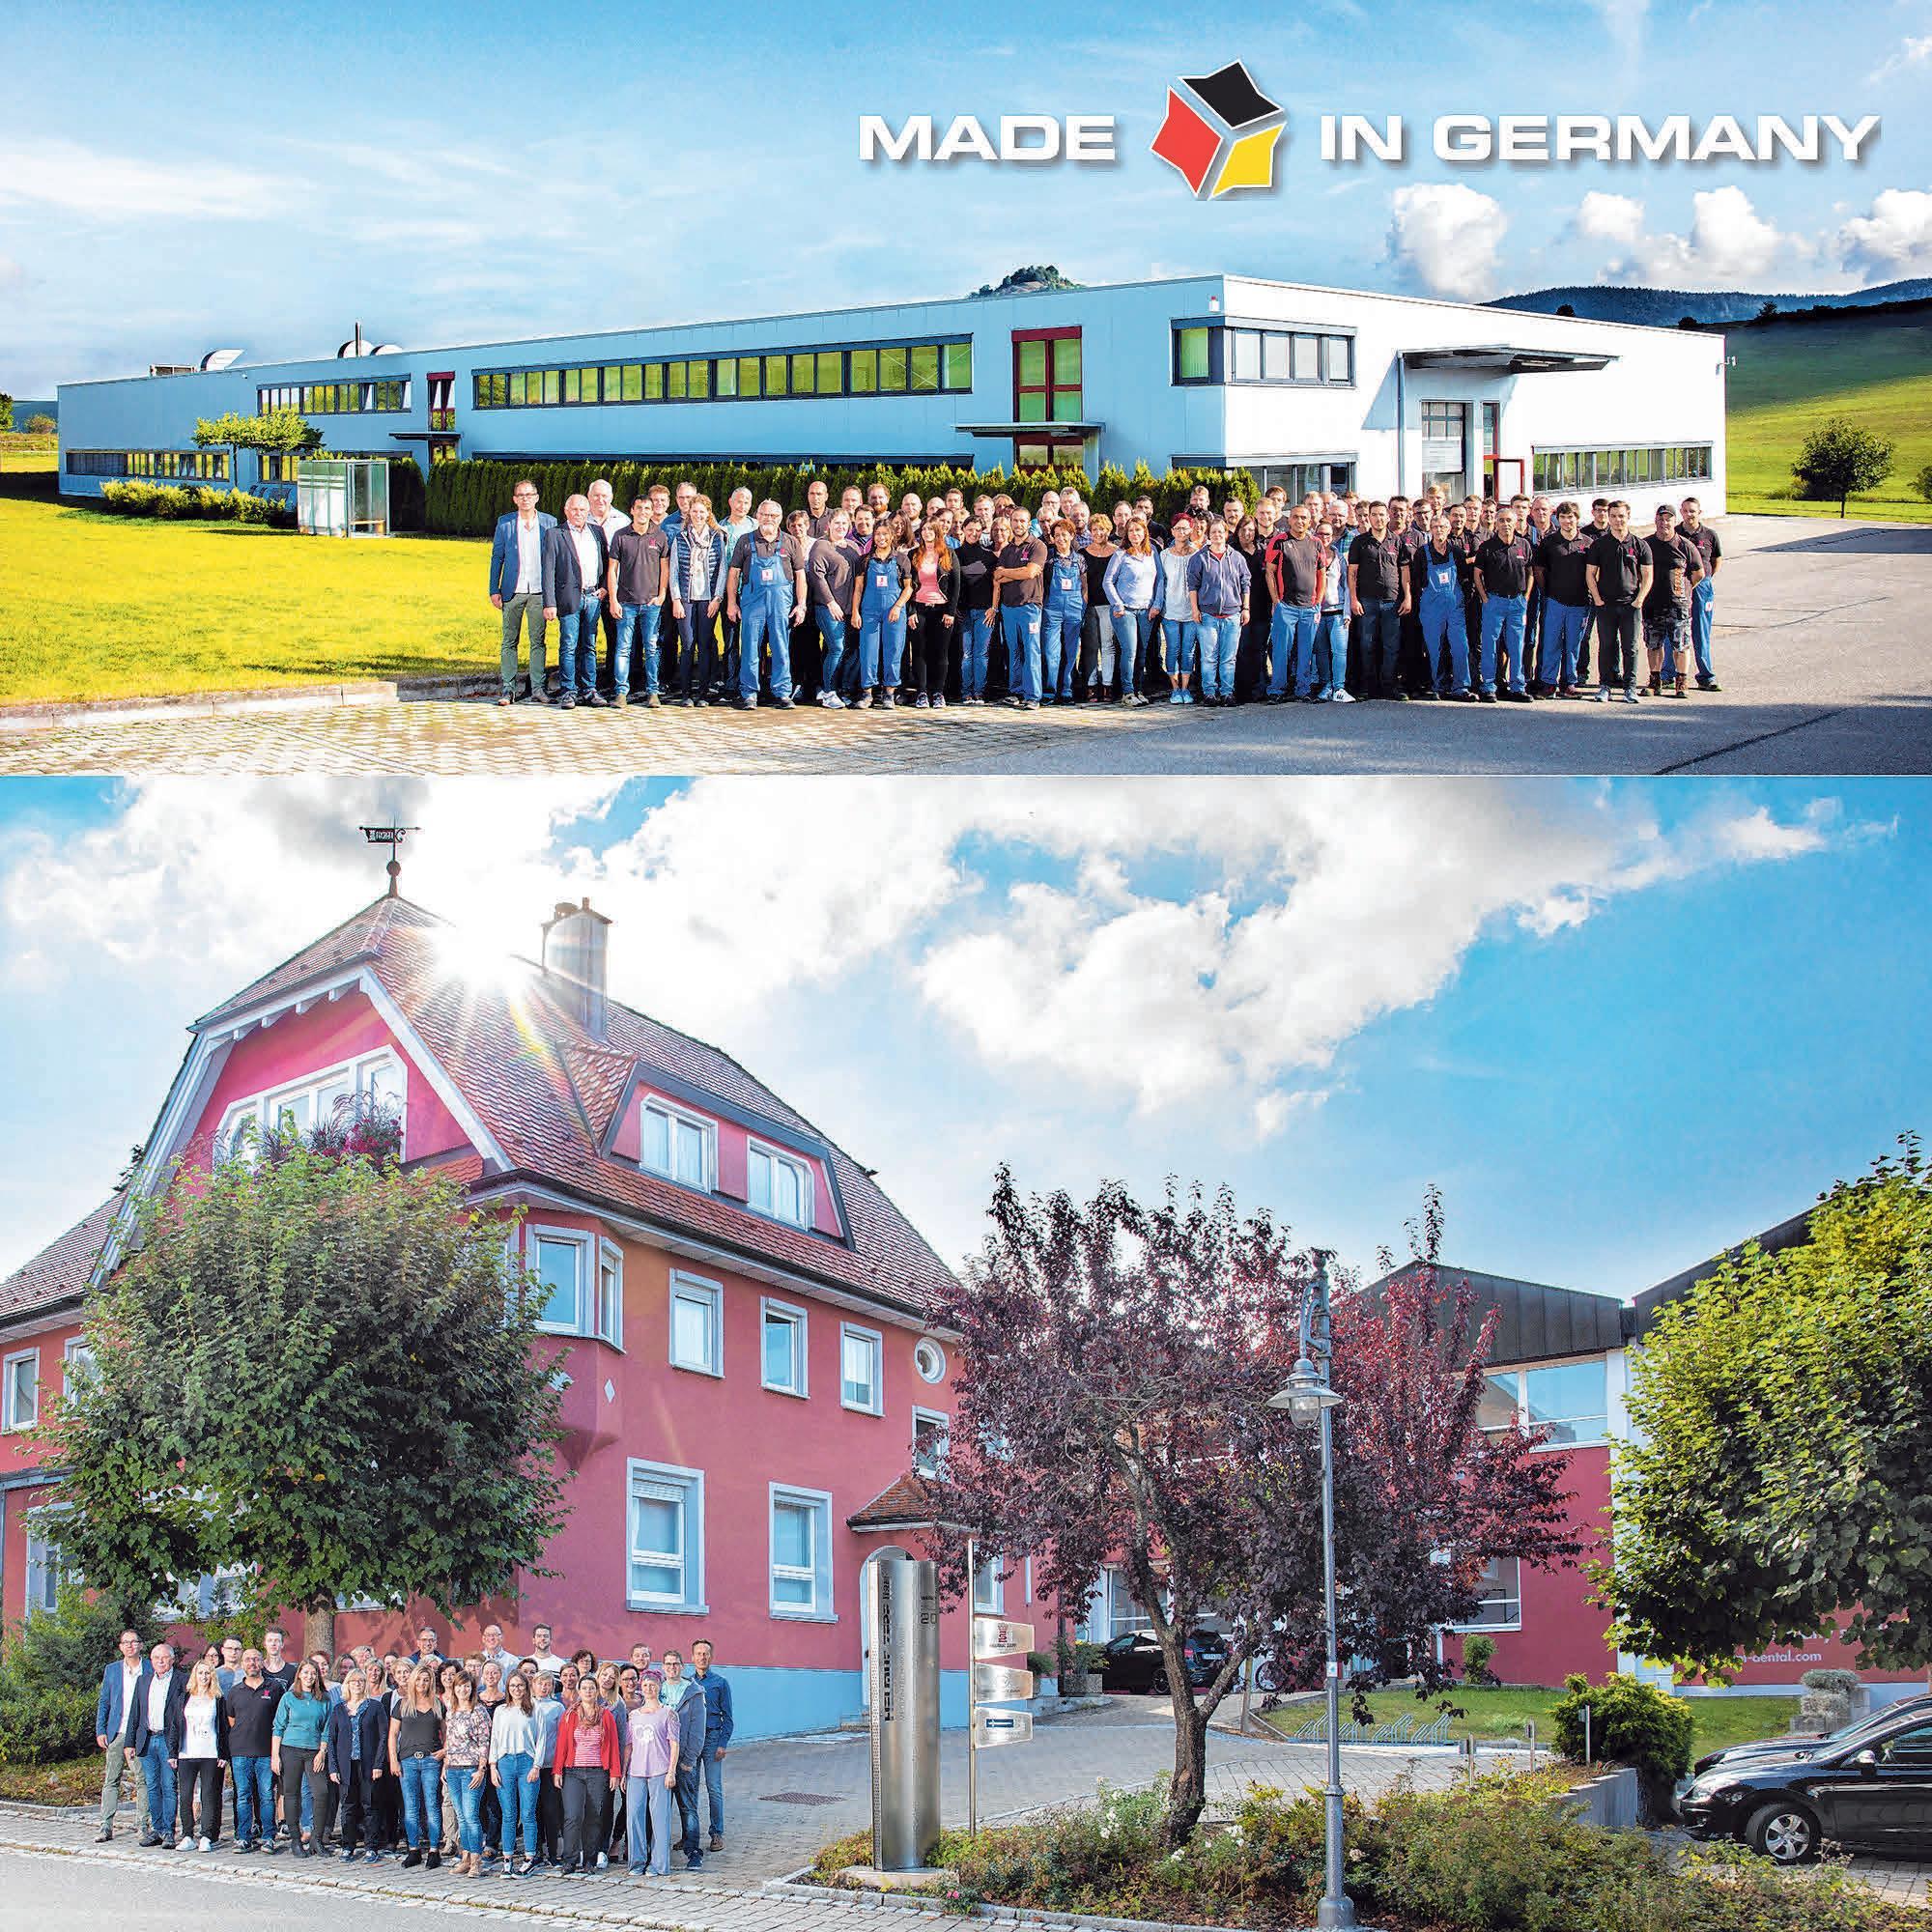 Zwei Standorte hat die Firma Helmut Zepf in Seitingen-Oberflacht. FOTO: ZEPF